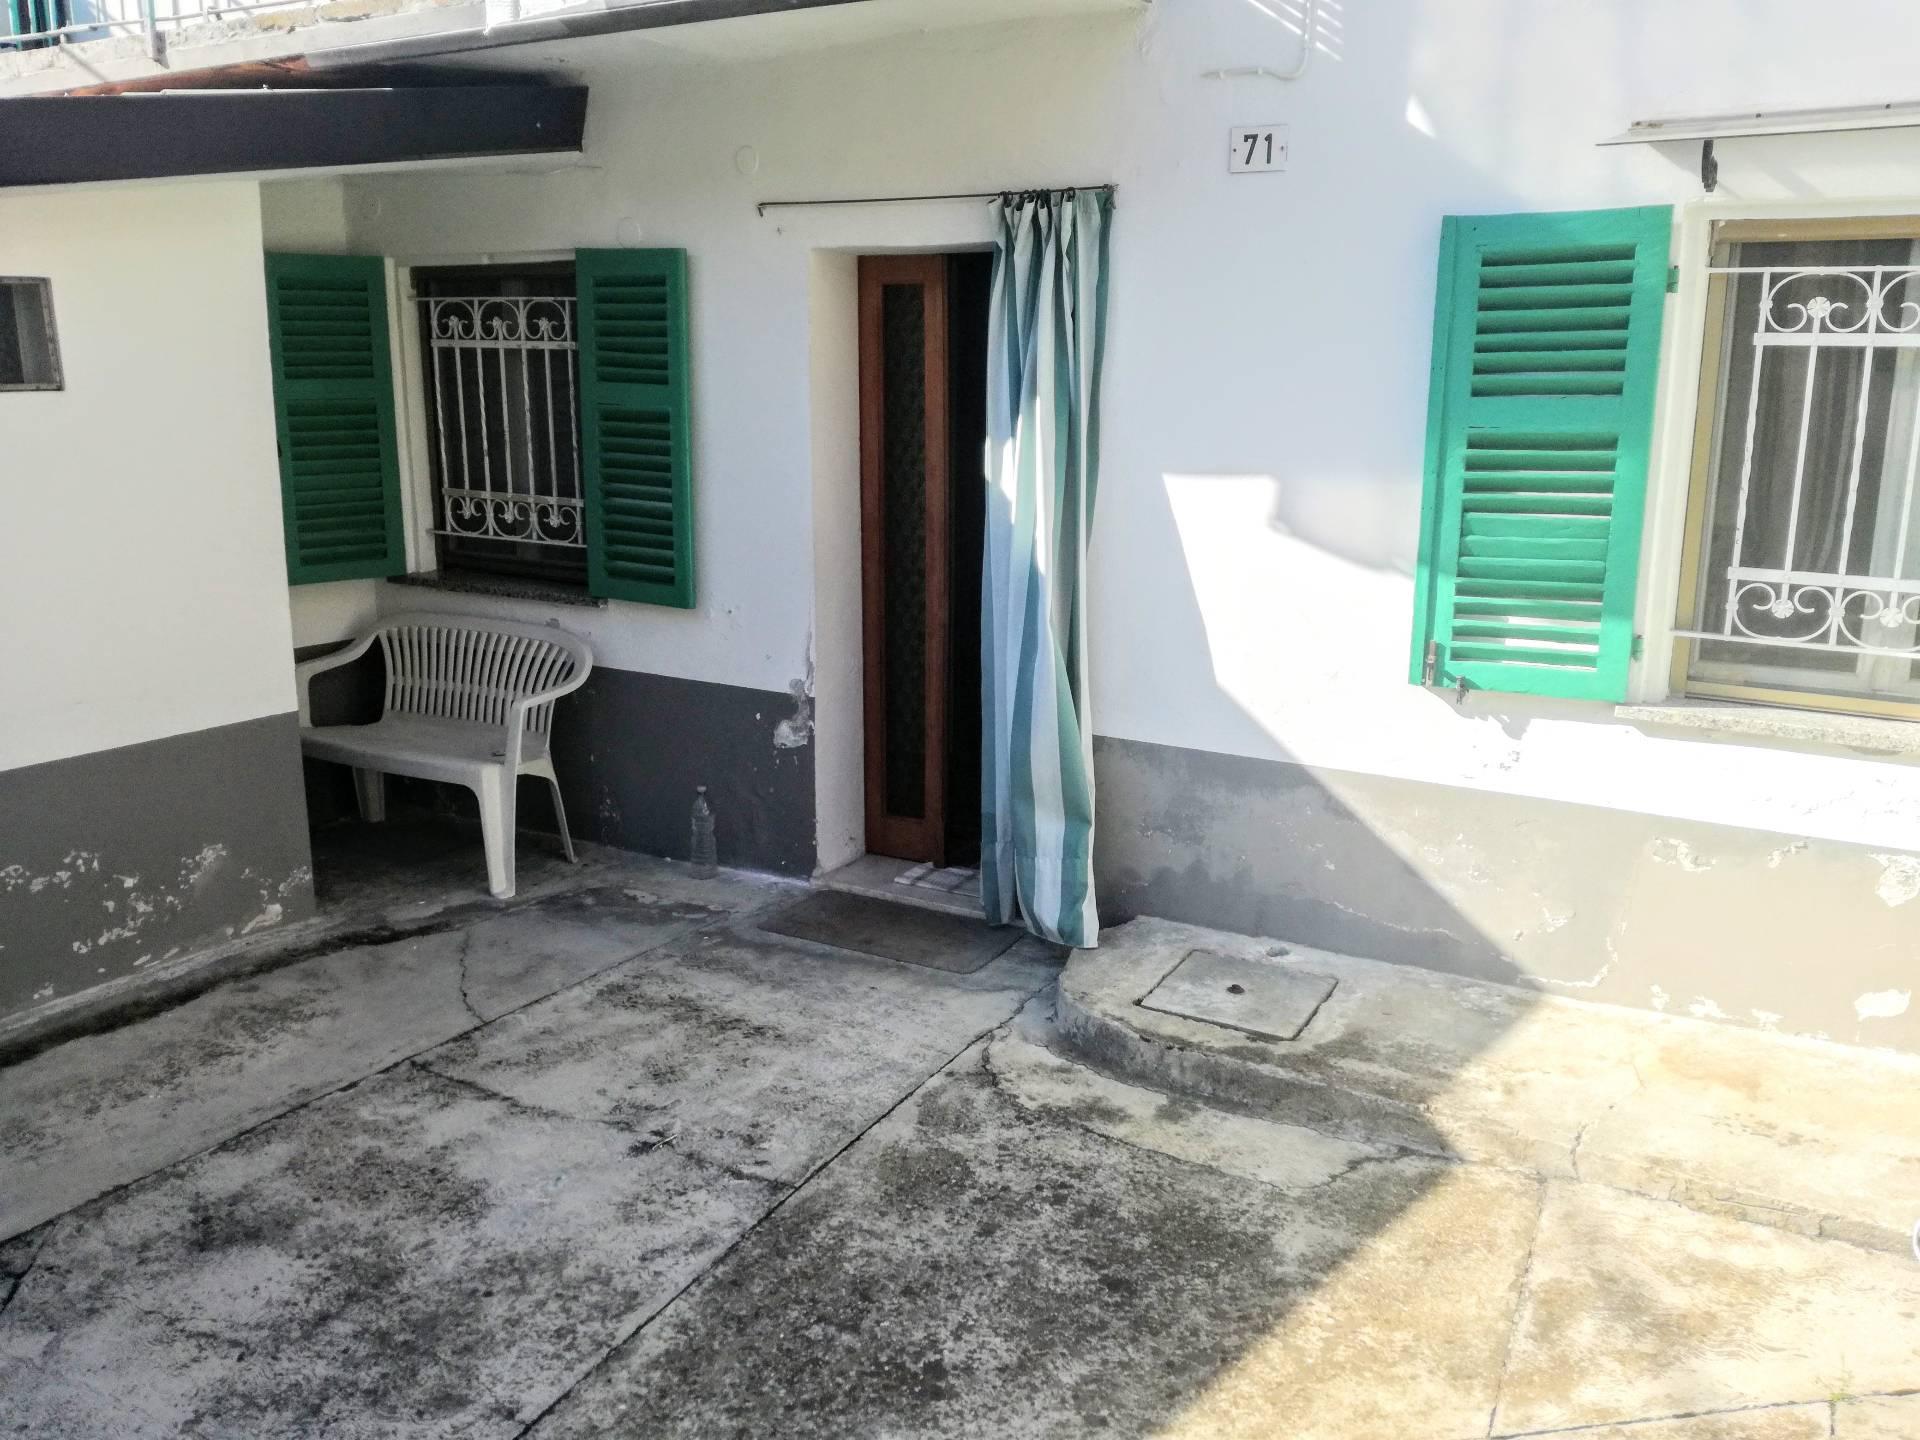 Soluzione Semindipendente in affitto a San Giorgio Monferrato, 4 locali, prezzo € 300   CambioCasa.it